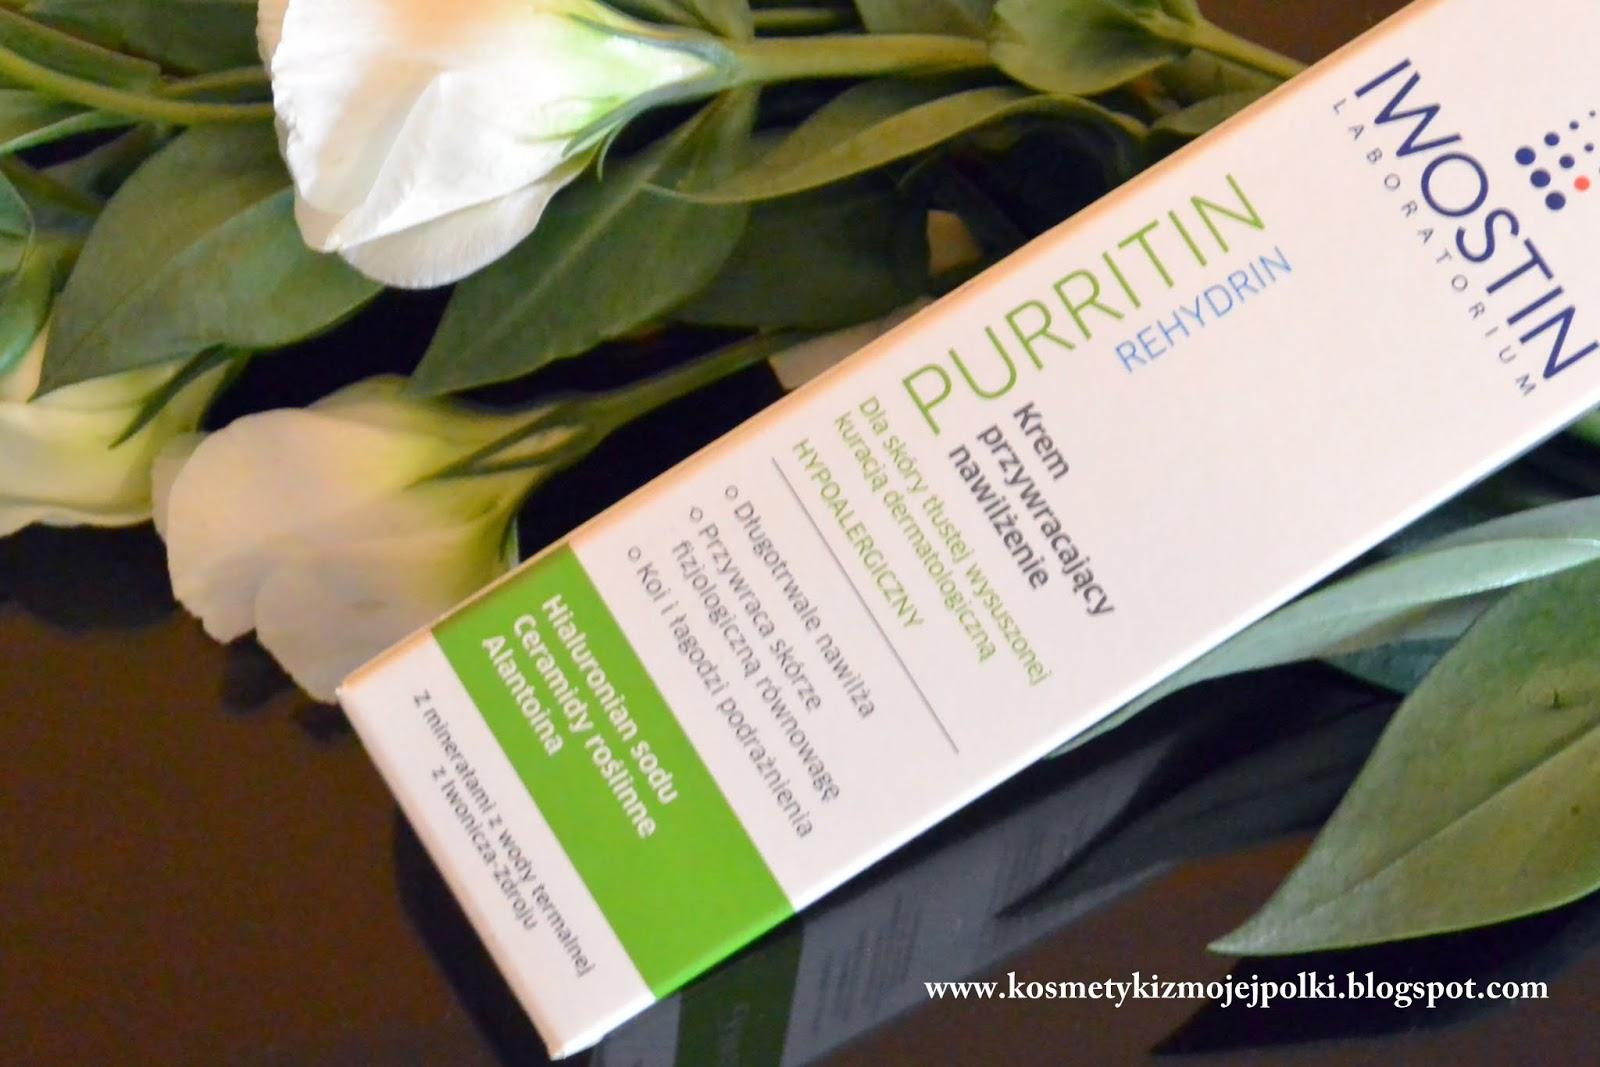 LABORATORIUM IWOSTIN PURRITIN REHYDRIN – Krem przywracający nawilżenie dla skóry tłustej wysuszonej kuracją dermatologiczną